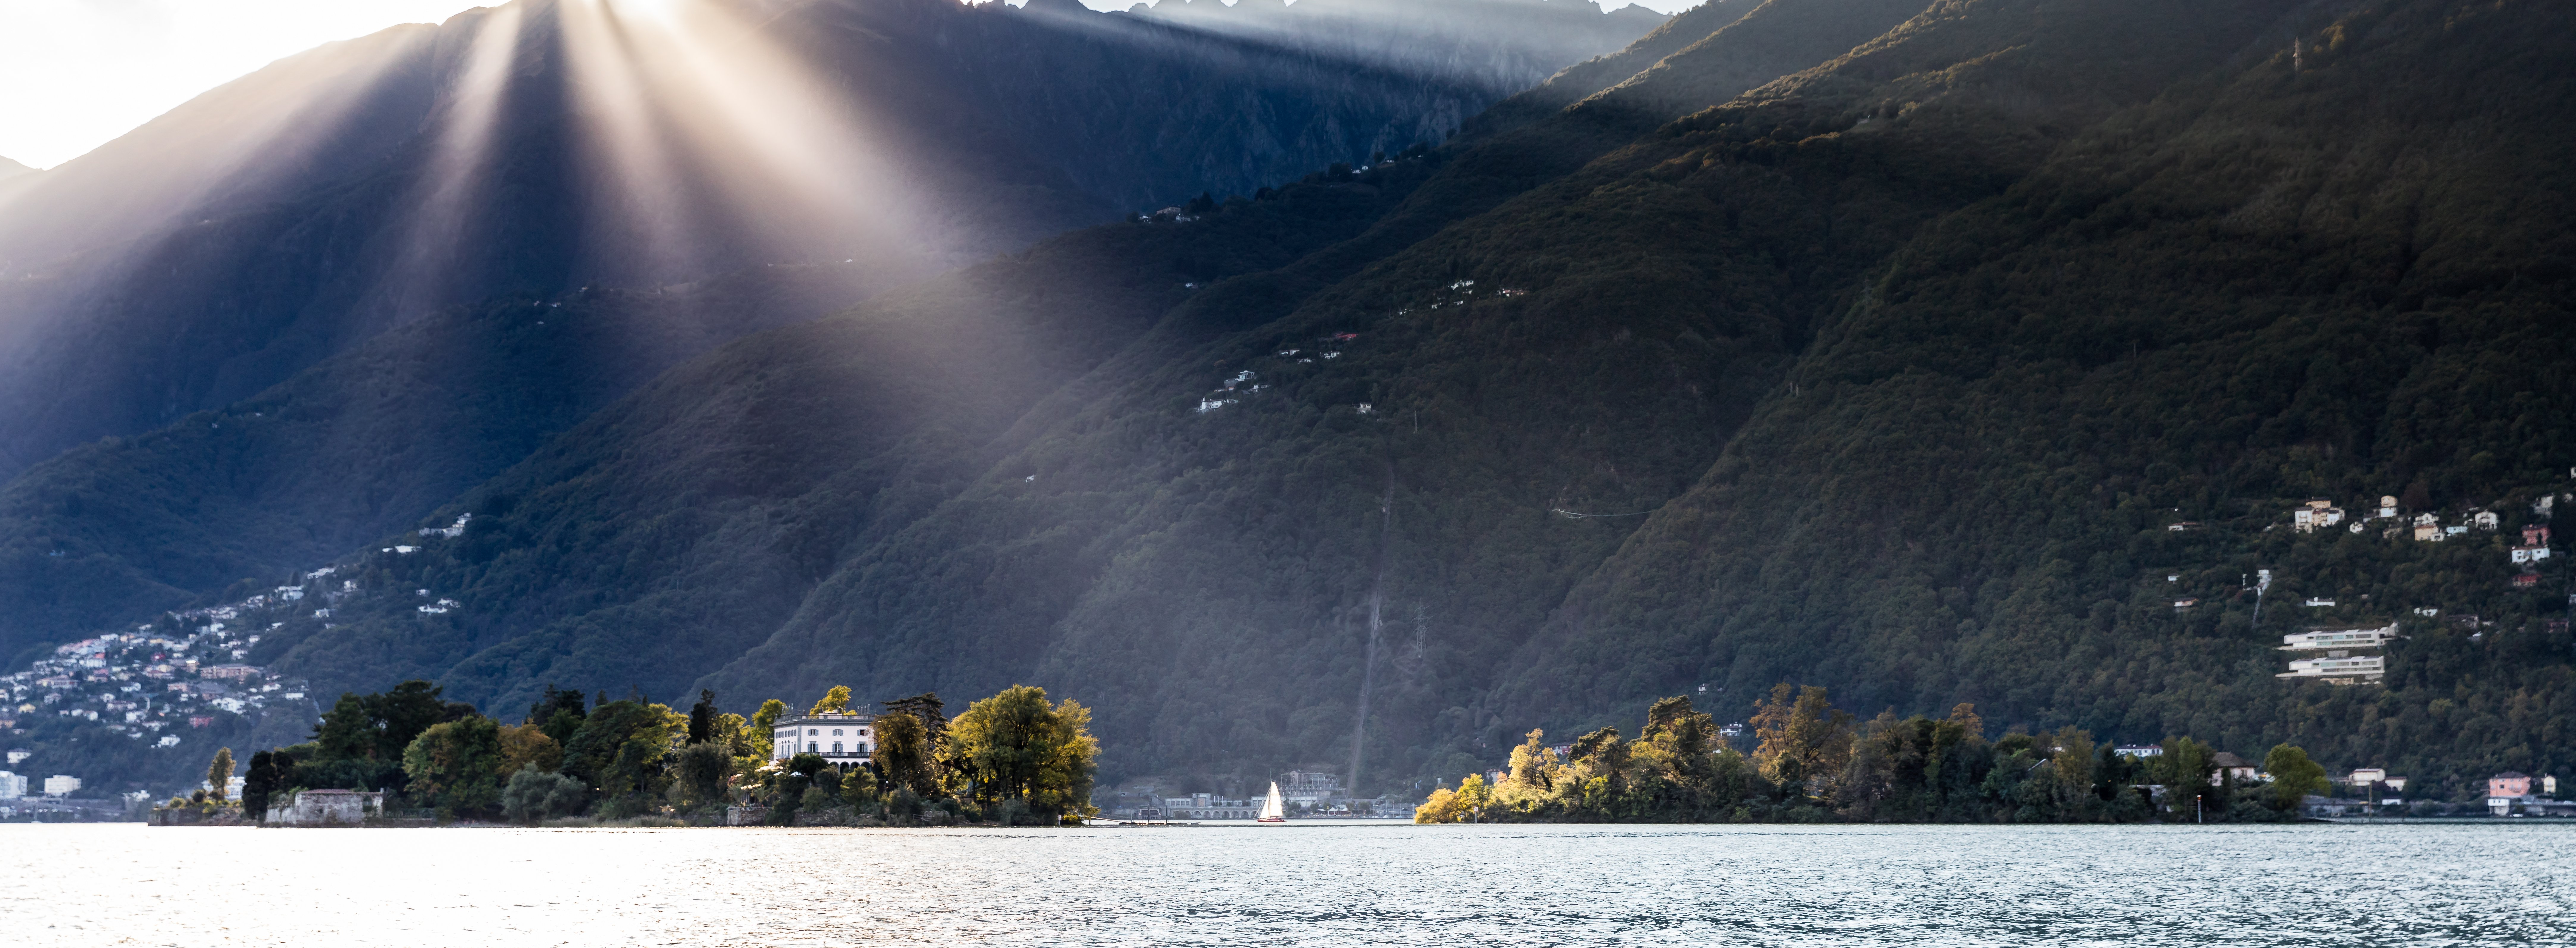 08-Isole di Brissago - Lago Maggiore - 3  (Ascona-Locarno Tourism - foto Alessio Pizzicannella).jpg